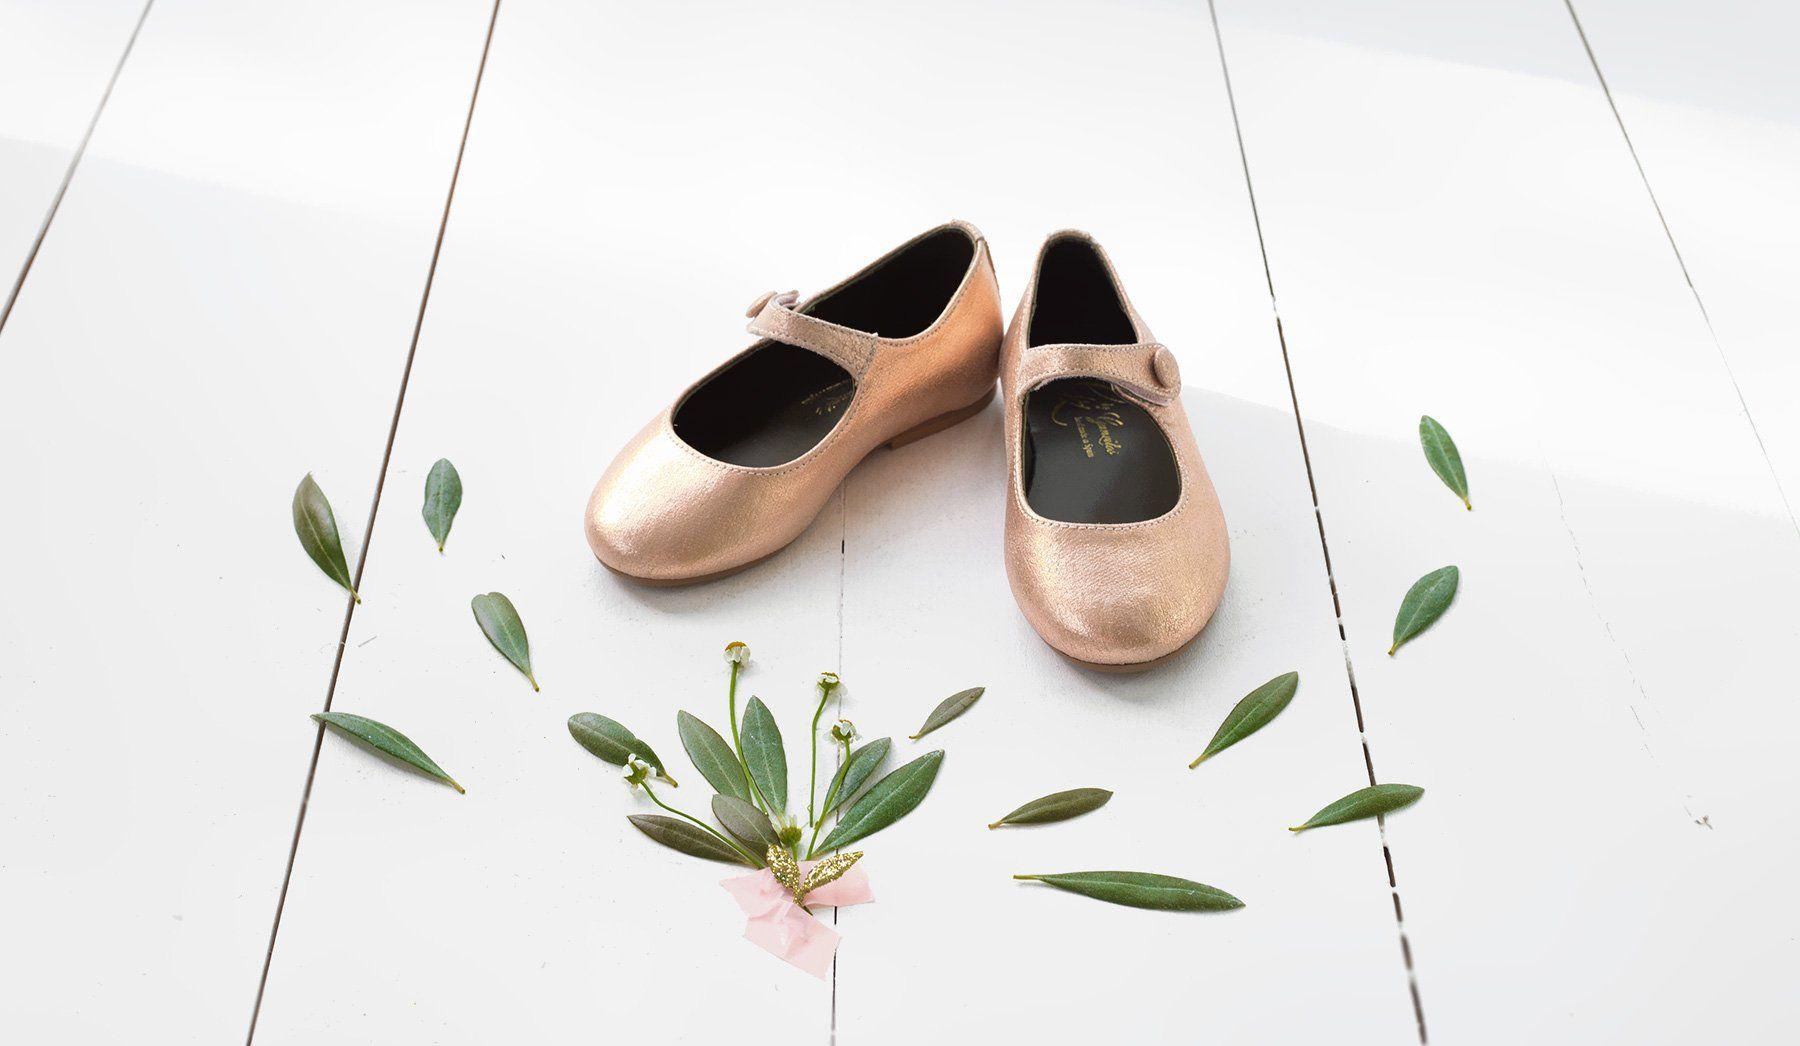 cb258da9a Ganzitos  Tienda online de zapatos  Calzado infantil y juvenil  niña   merceditas  azulpetroleo